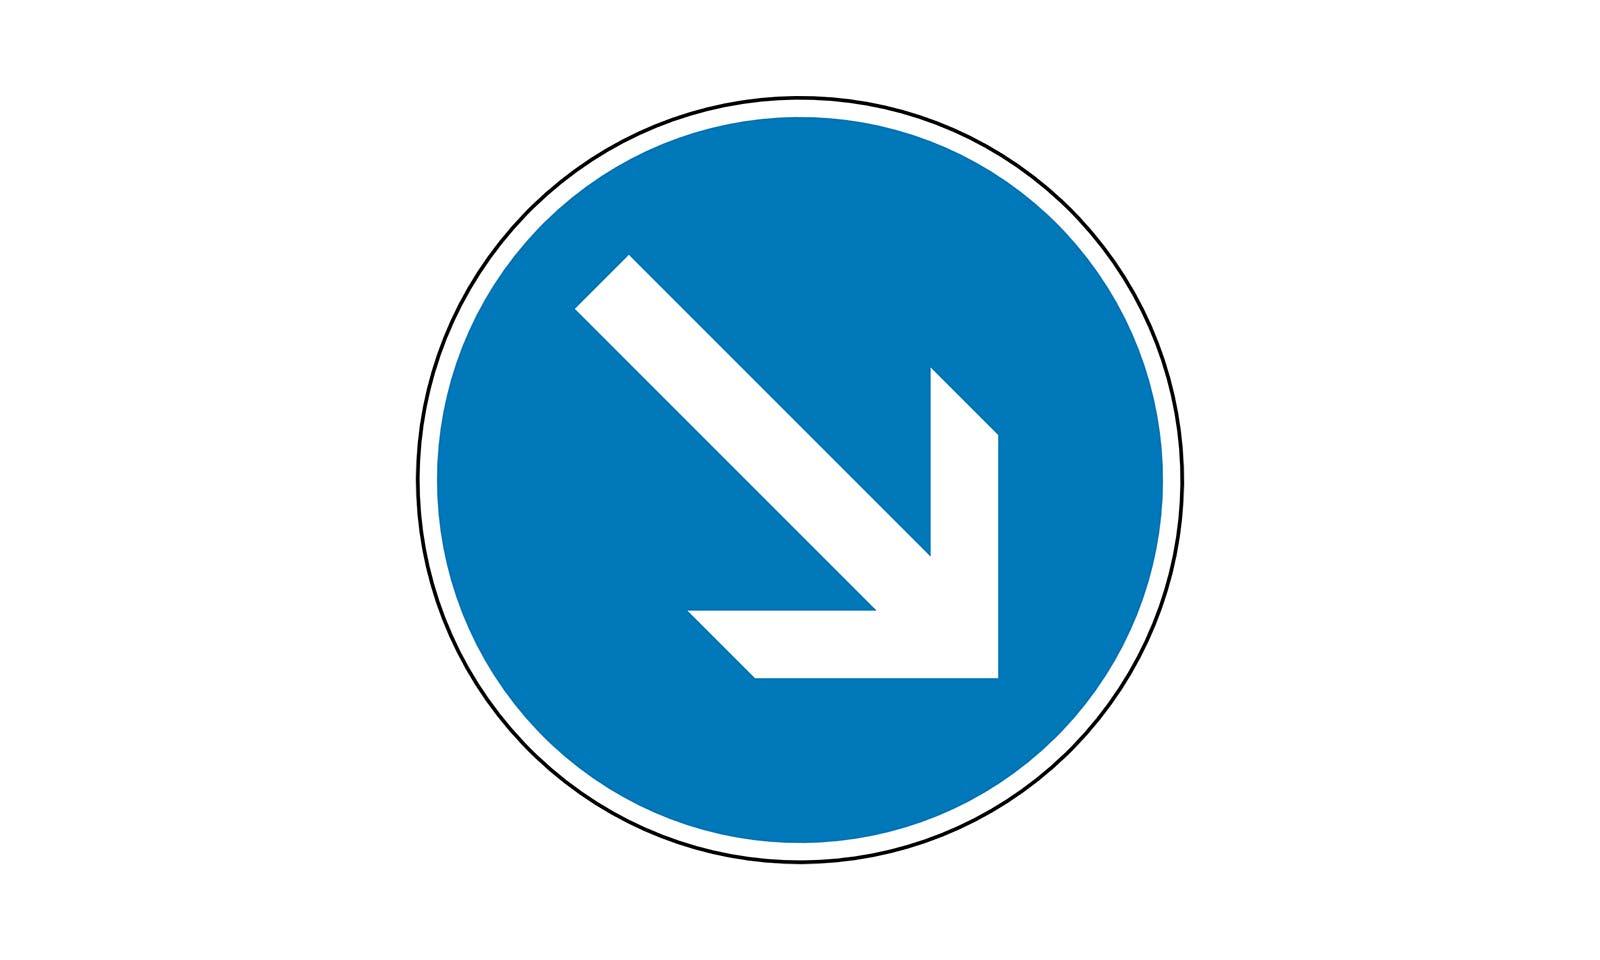 verkehrszeichen dürfen nicht halten